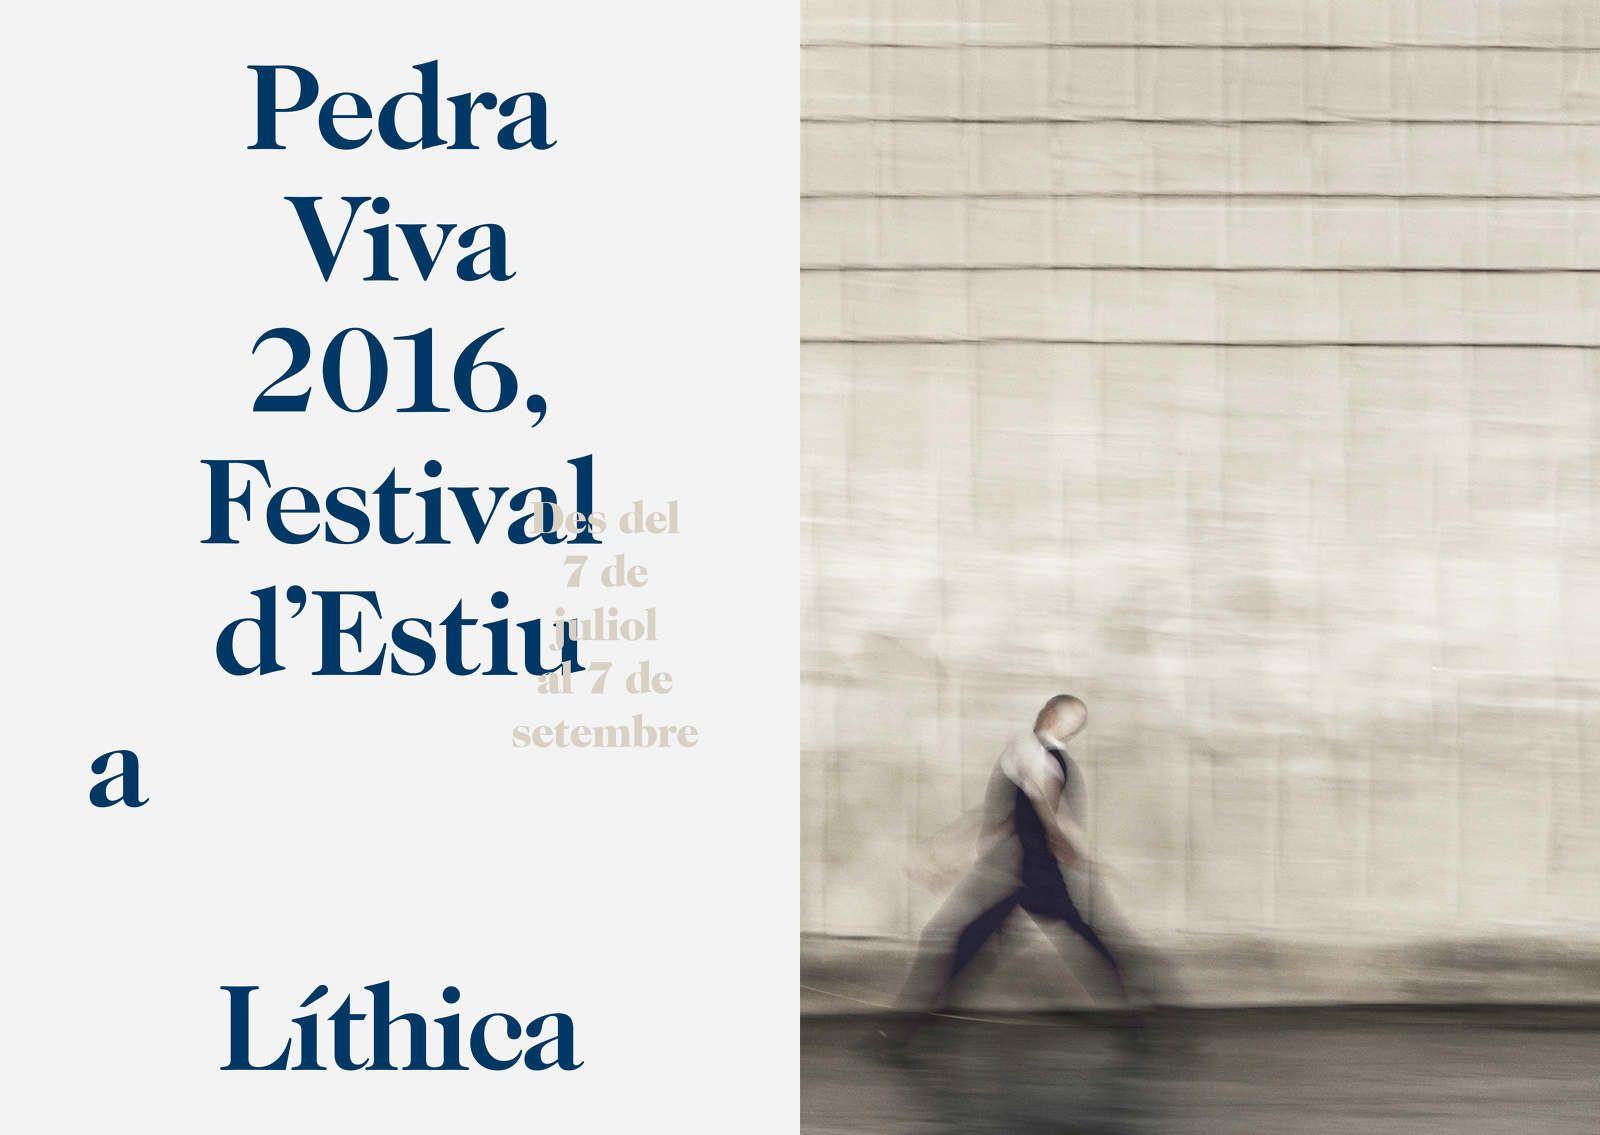 Pedra Live 2016 Festival d'Estiu to Líthica - labuhardi senabre marine design from architecture to graphic identity